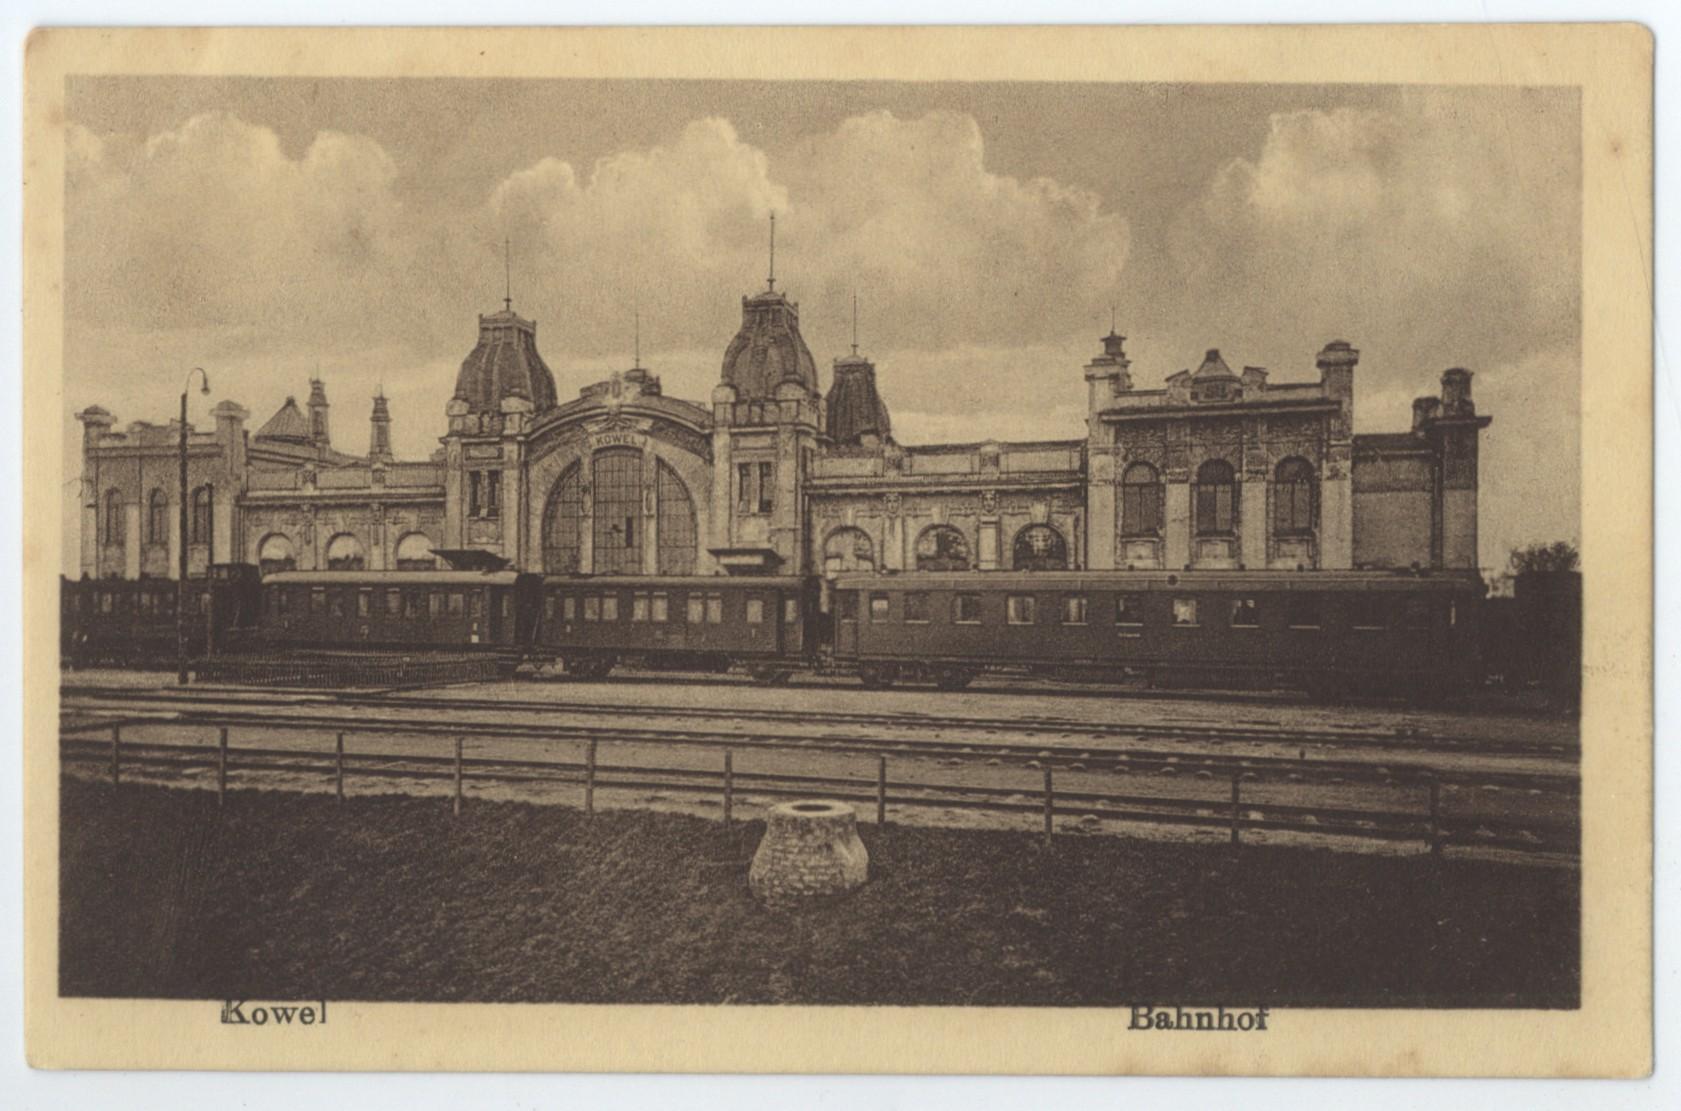 Ковельський вокзал, зображення після 1918-1920 рр.